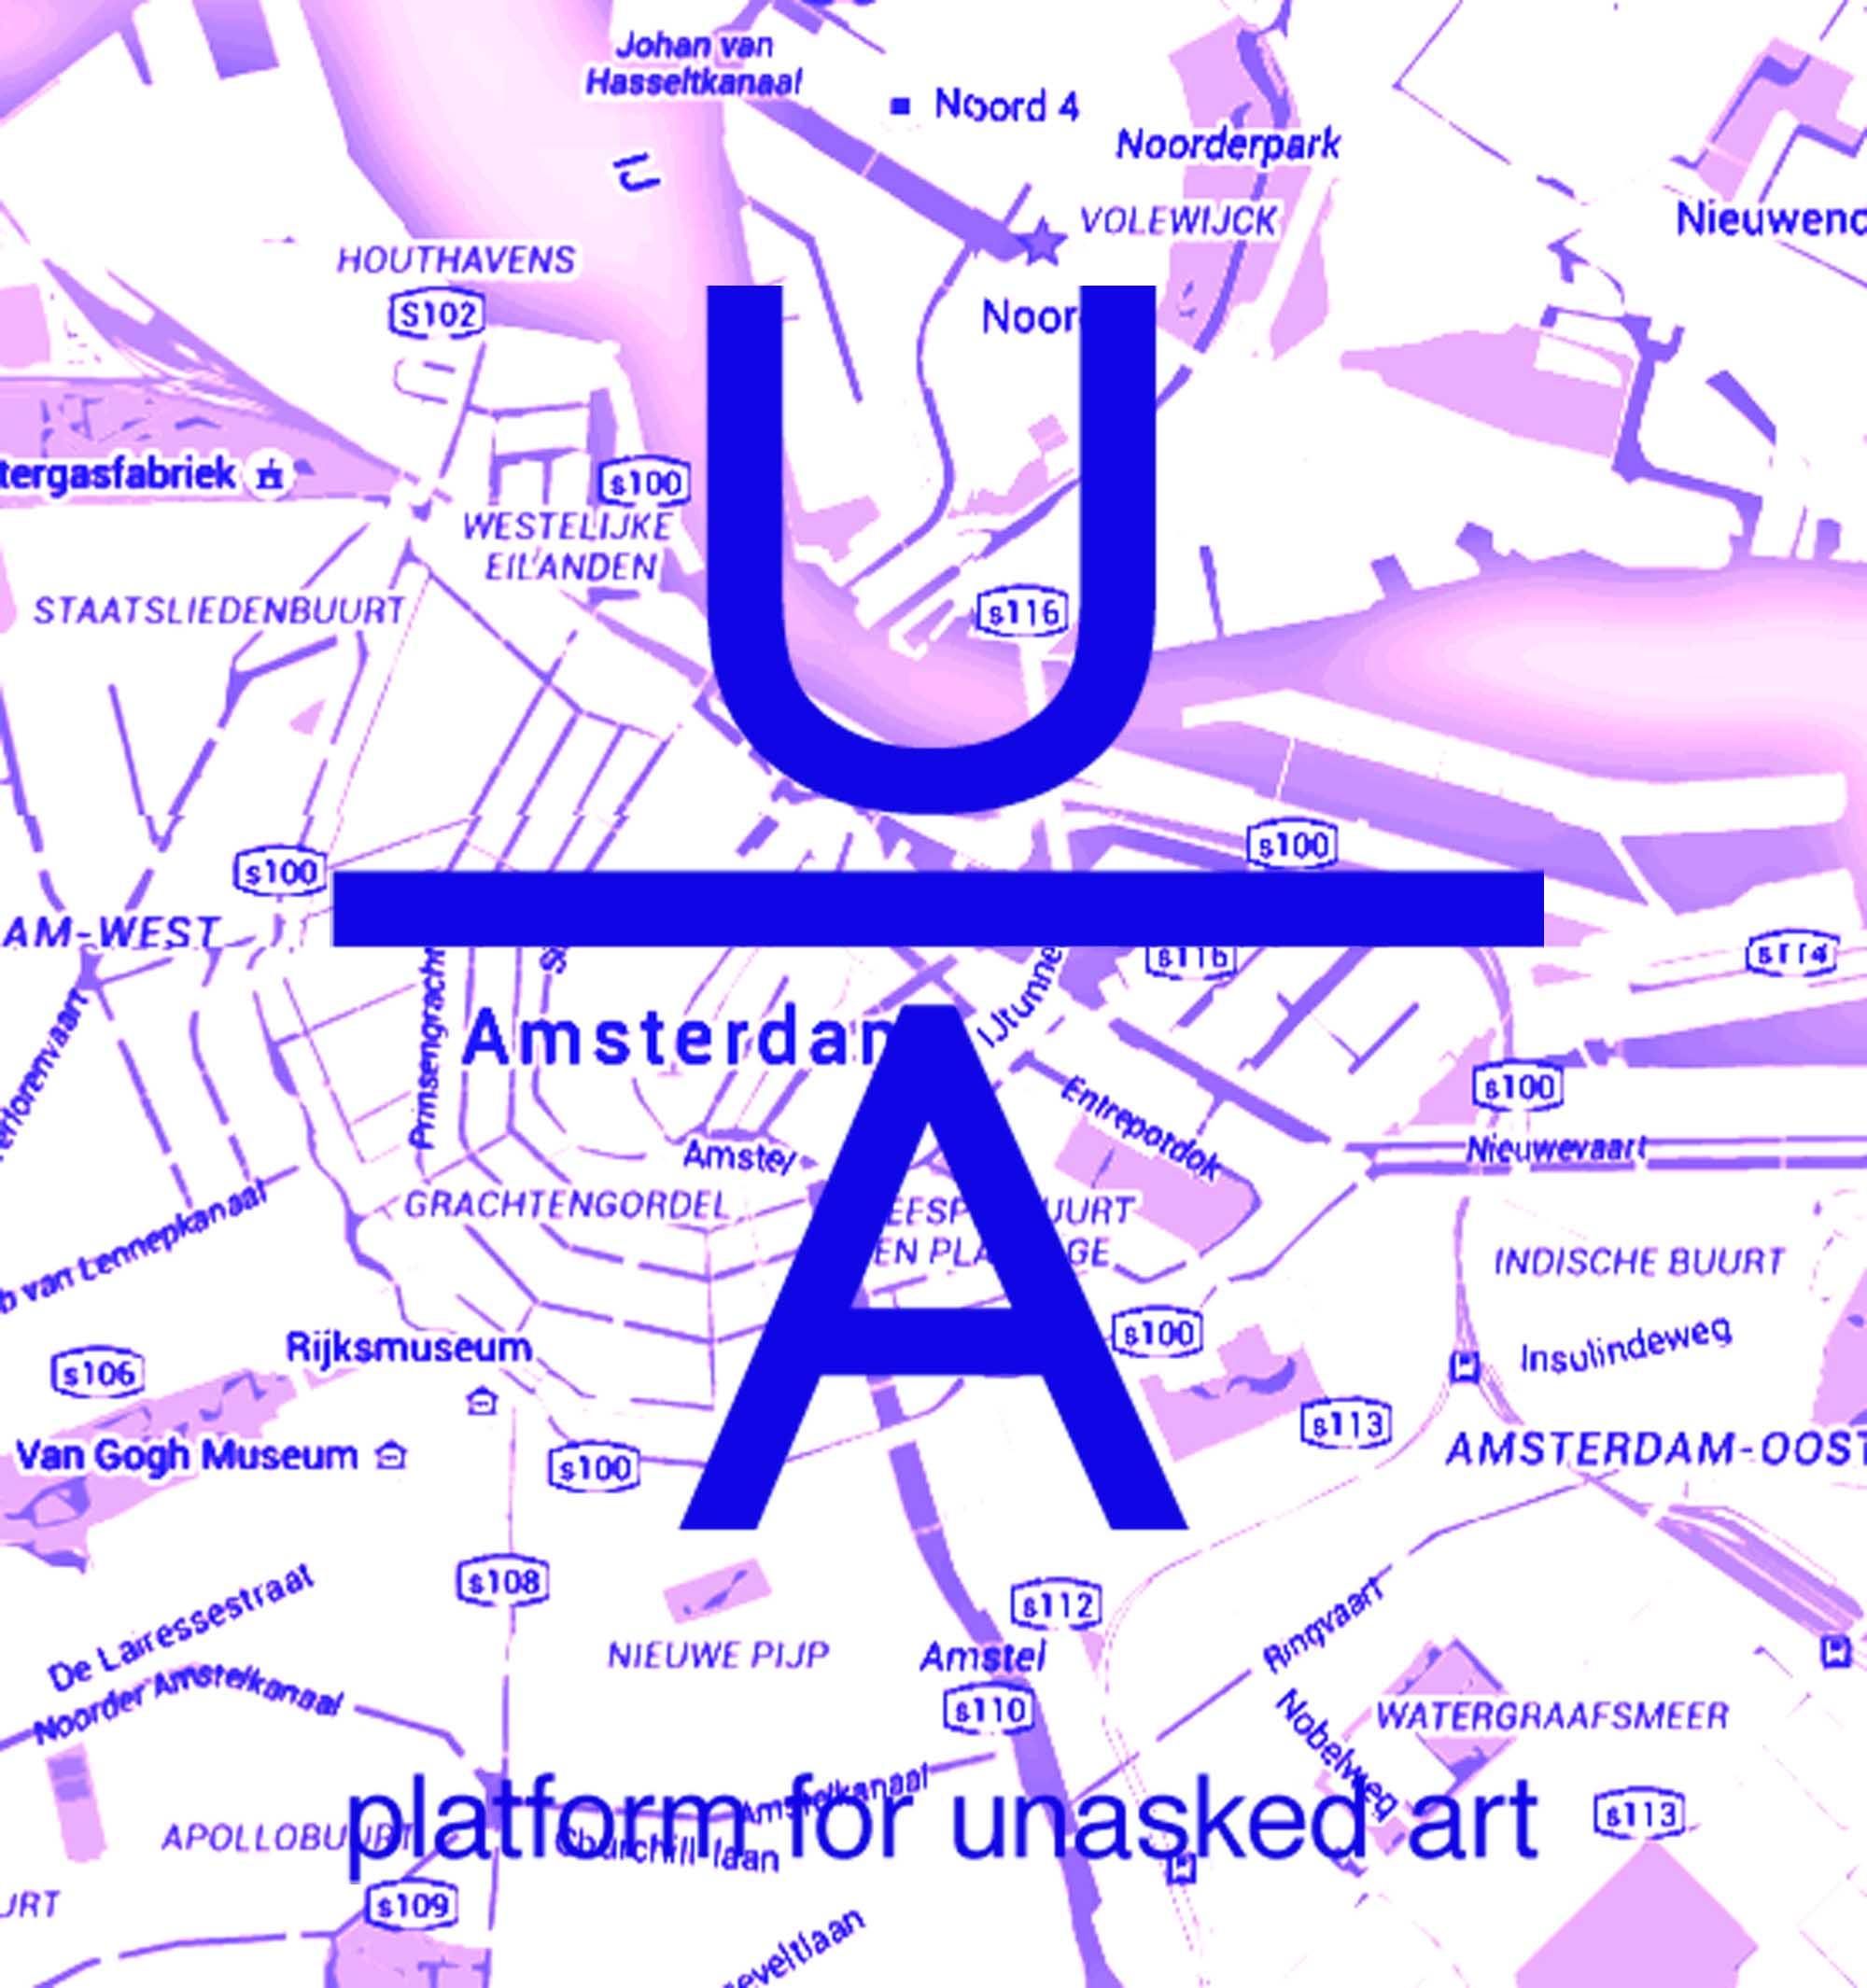 Platform for Unasked Art